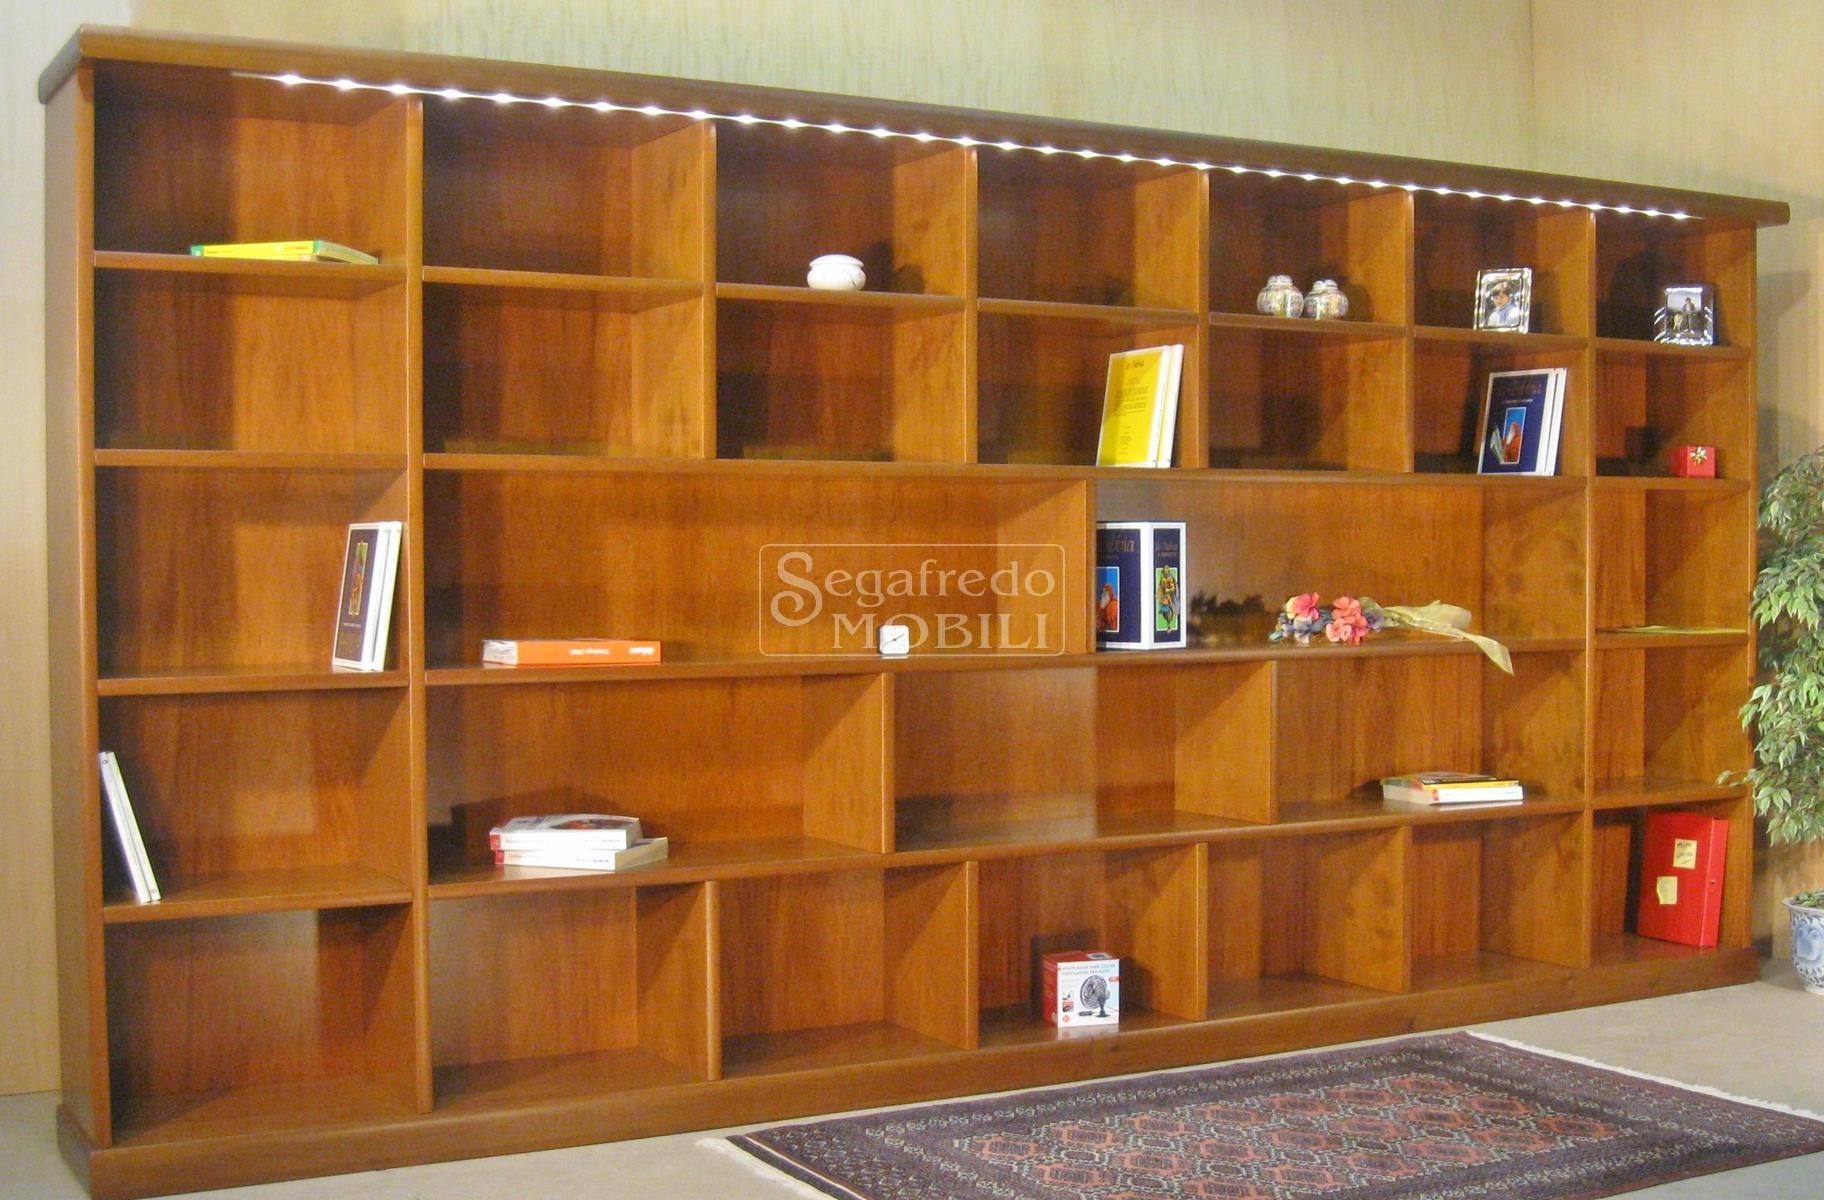 Mobile libreria parete su misura a giorno mobilificio - Mobile libreria a parete ...